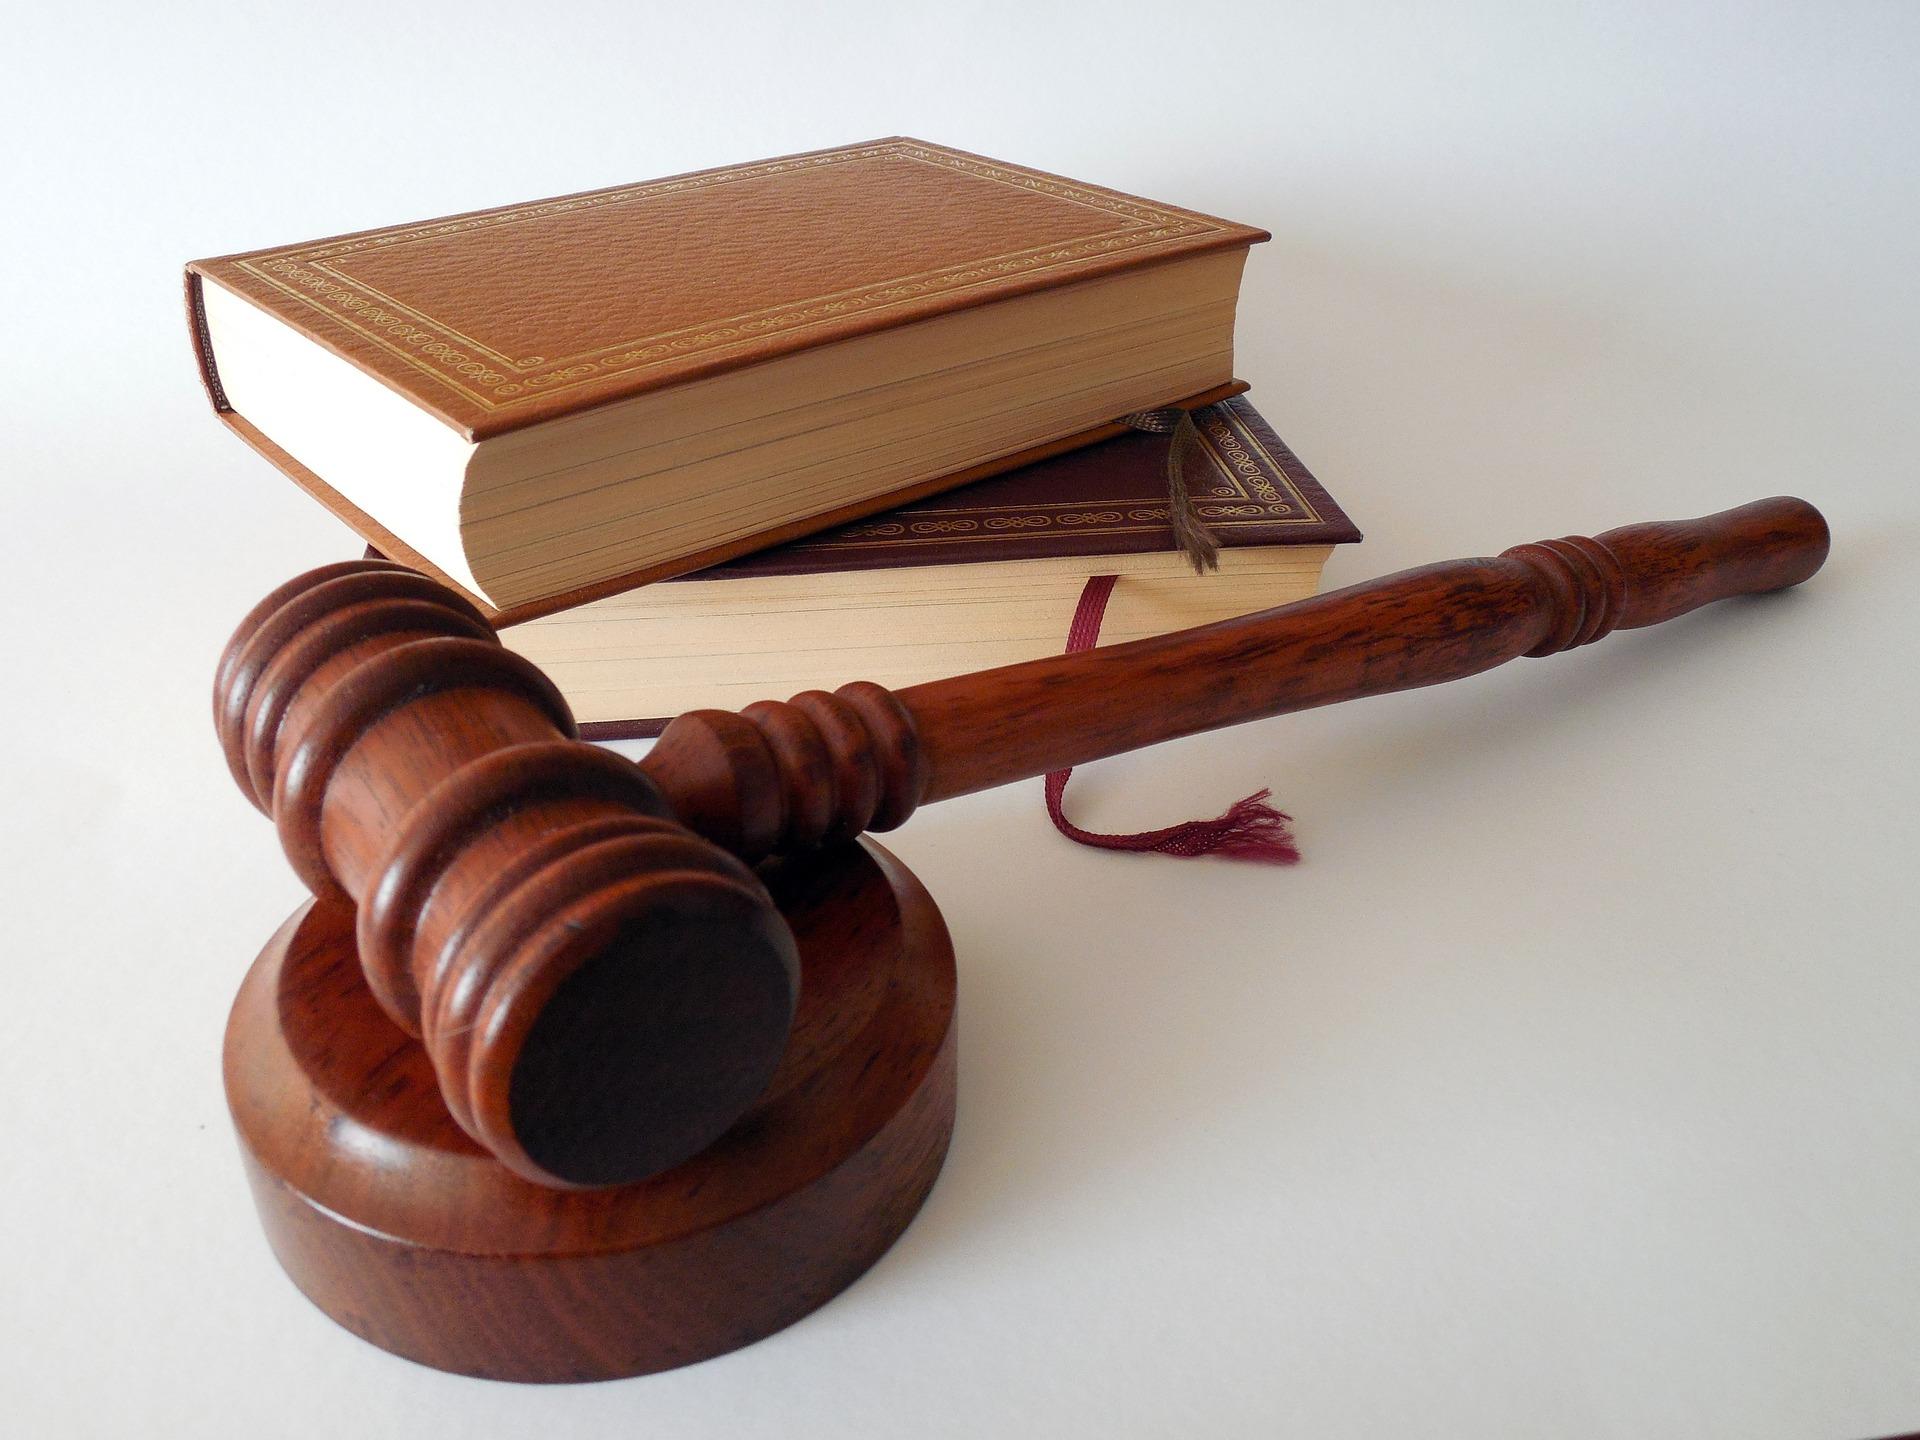 Als Anwaltskanzlei selbständig machen